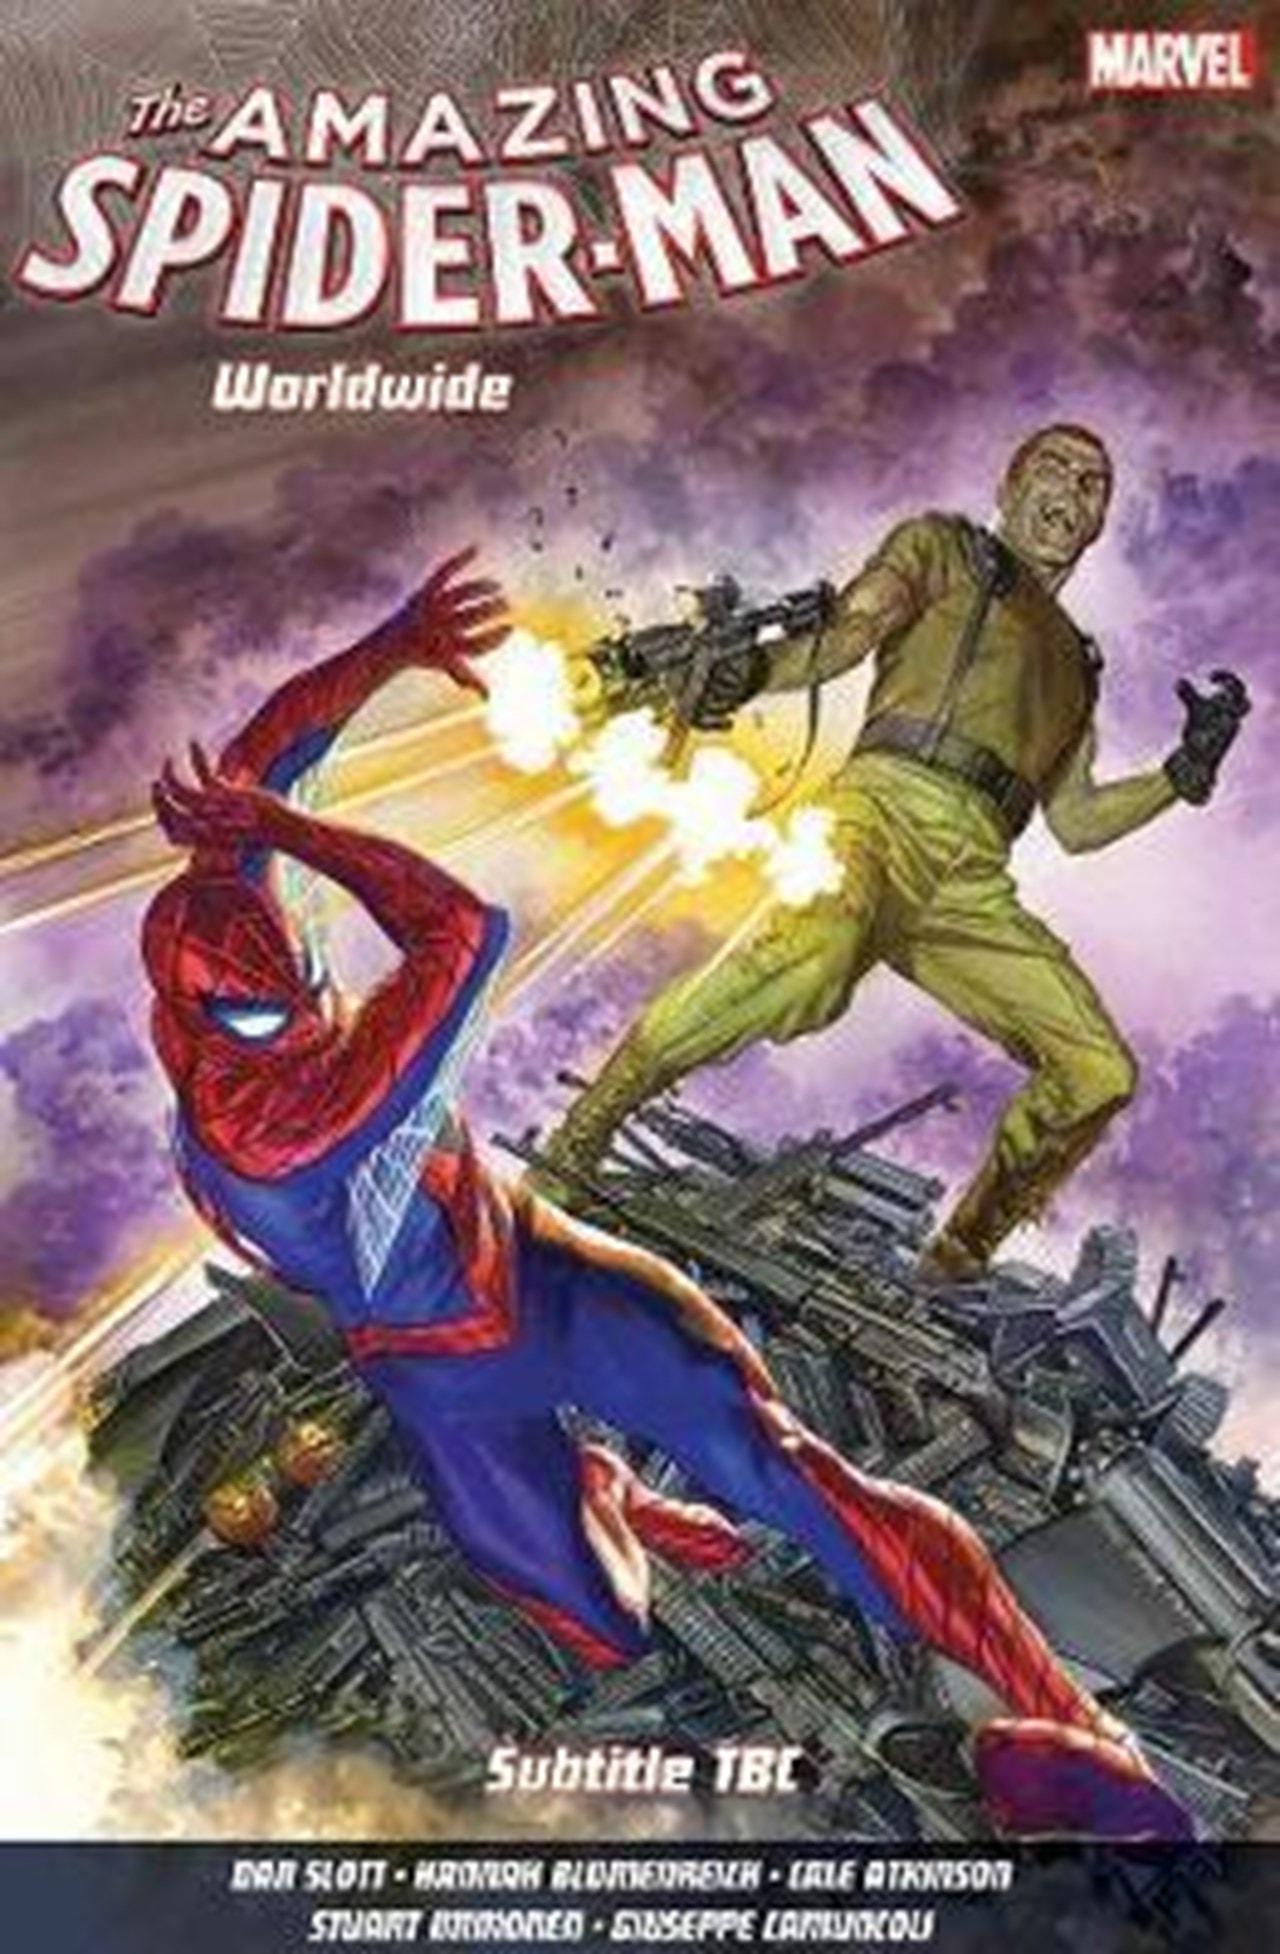 Amazing Spider Man: Worldwide Vol. 6 - 1